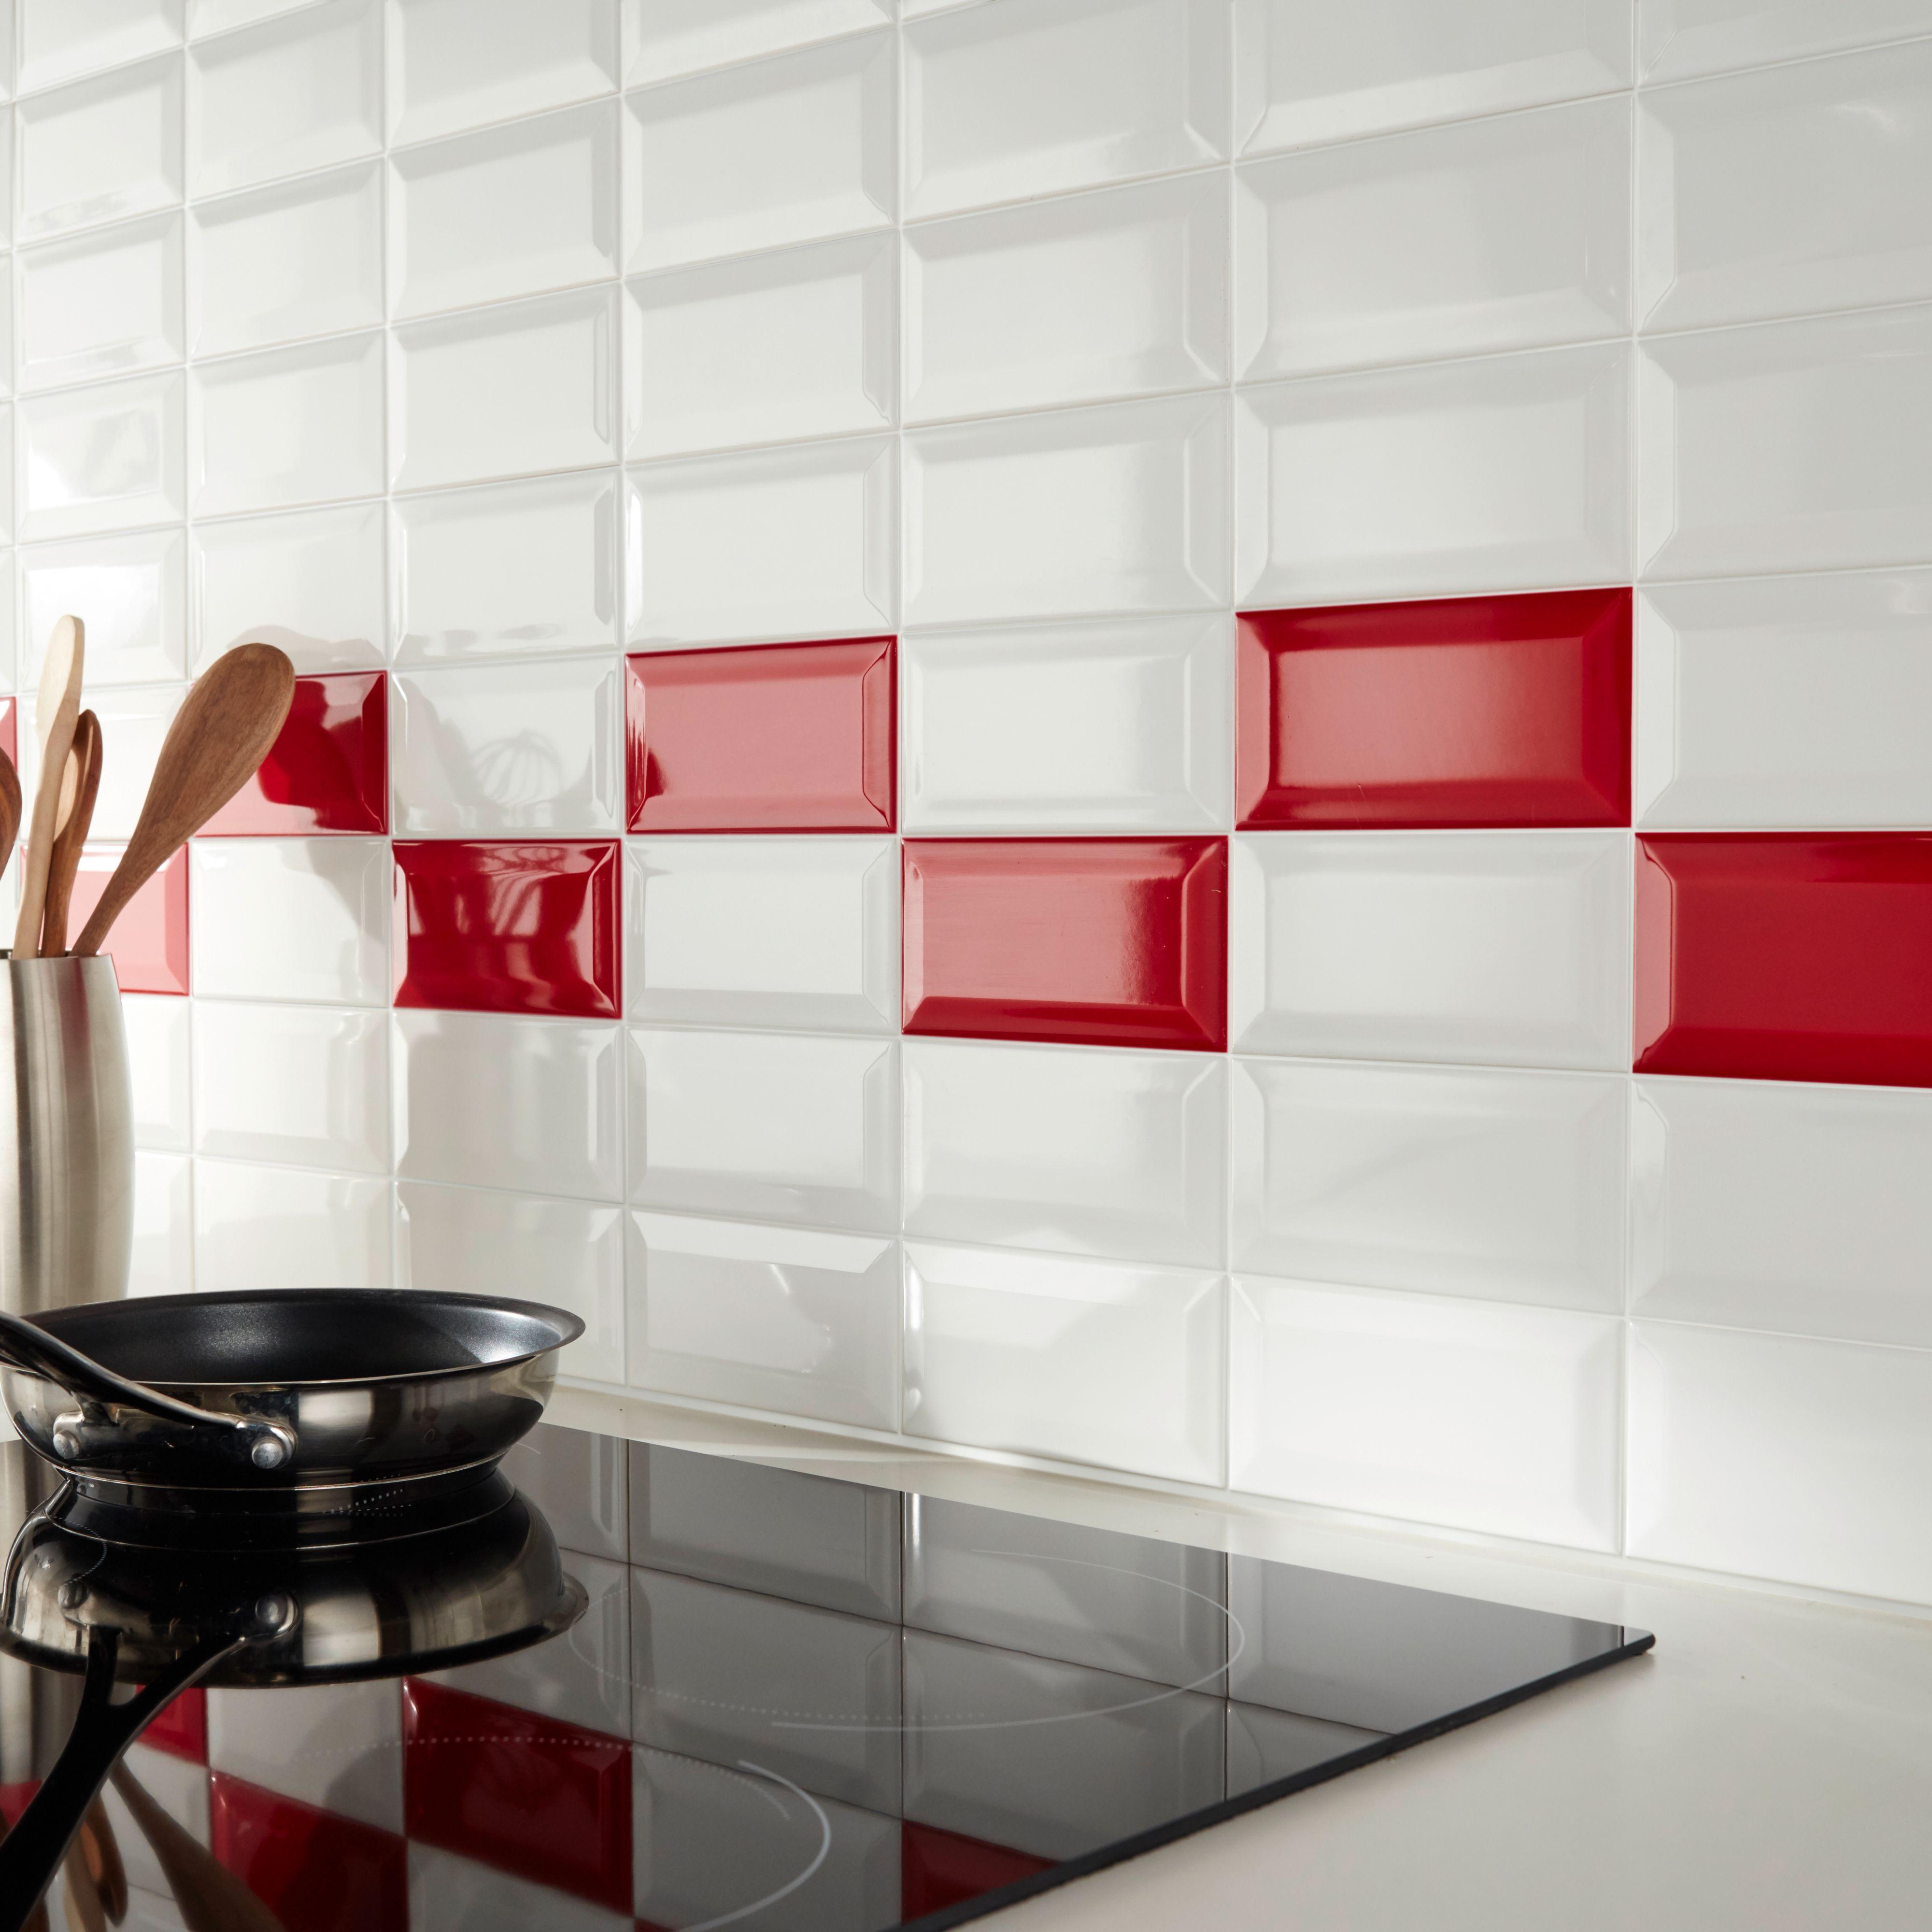 Trentie White Gloss Plain Ceramic Wall Tile 200x100mm 40 Per